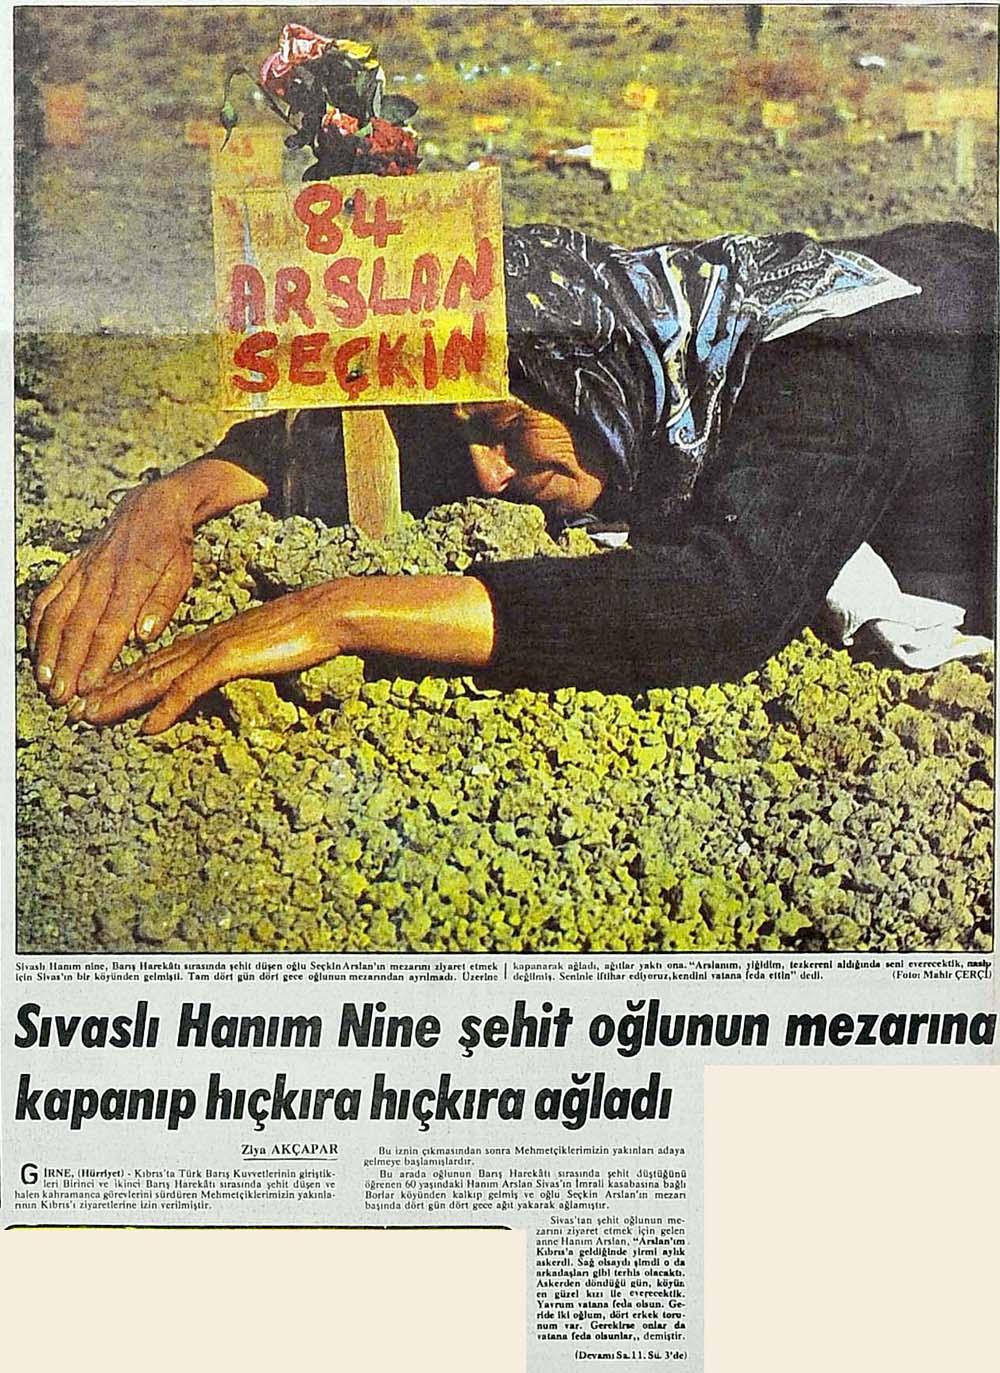 Sıvaslı Hanım Nine şehit oğlunun mezarına kapanıp hıçkıra hıçkıra ağladı